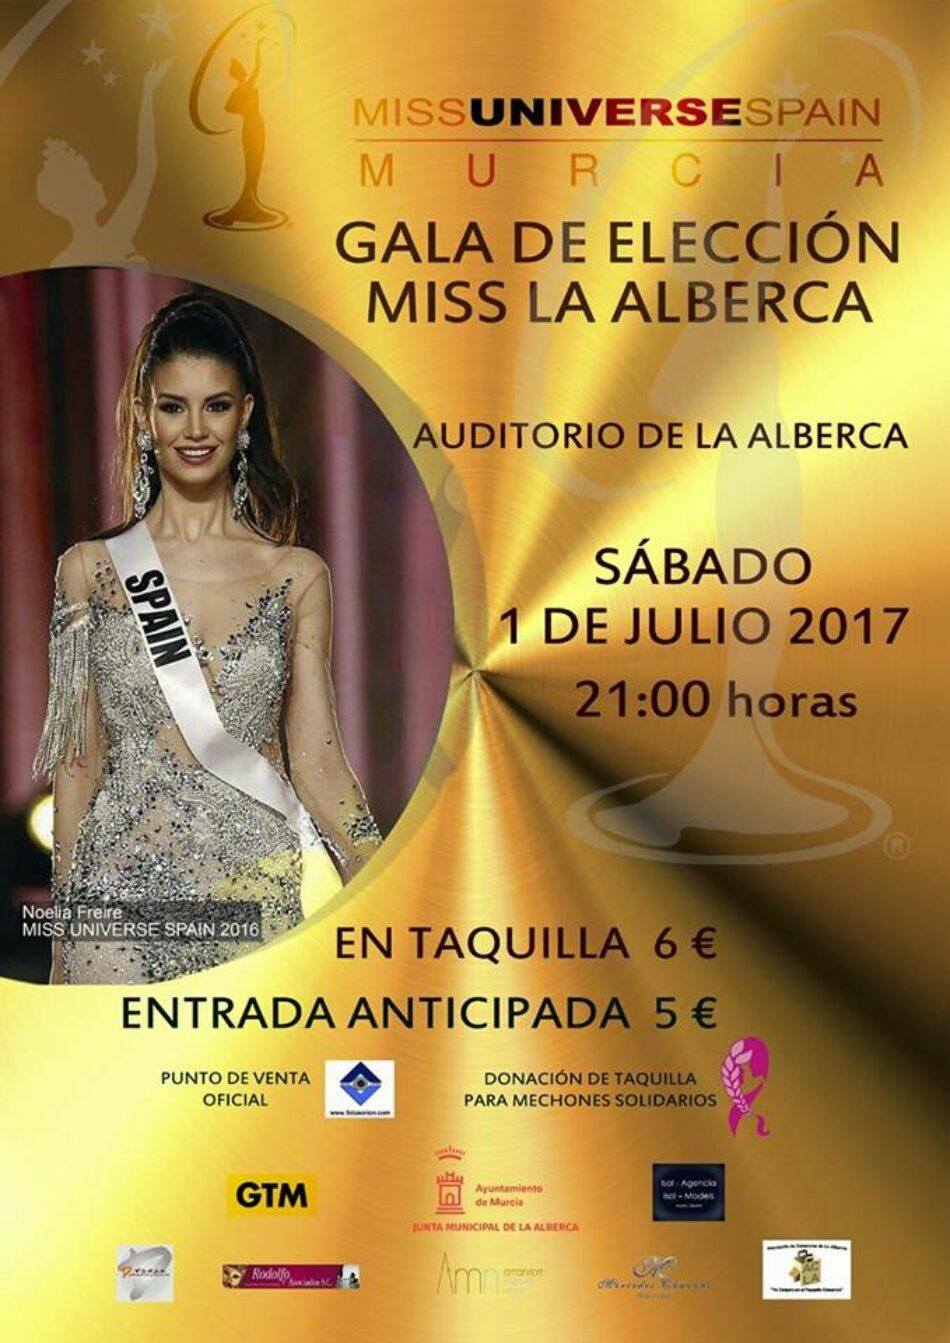 Cambiemos La Alberca denuncia la decisión del pedáneo de ceder gratuitamente el auditorio para la gala de Miss Murcia